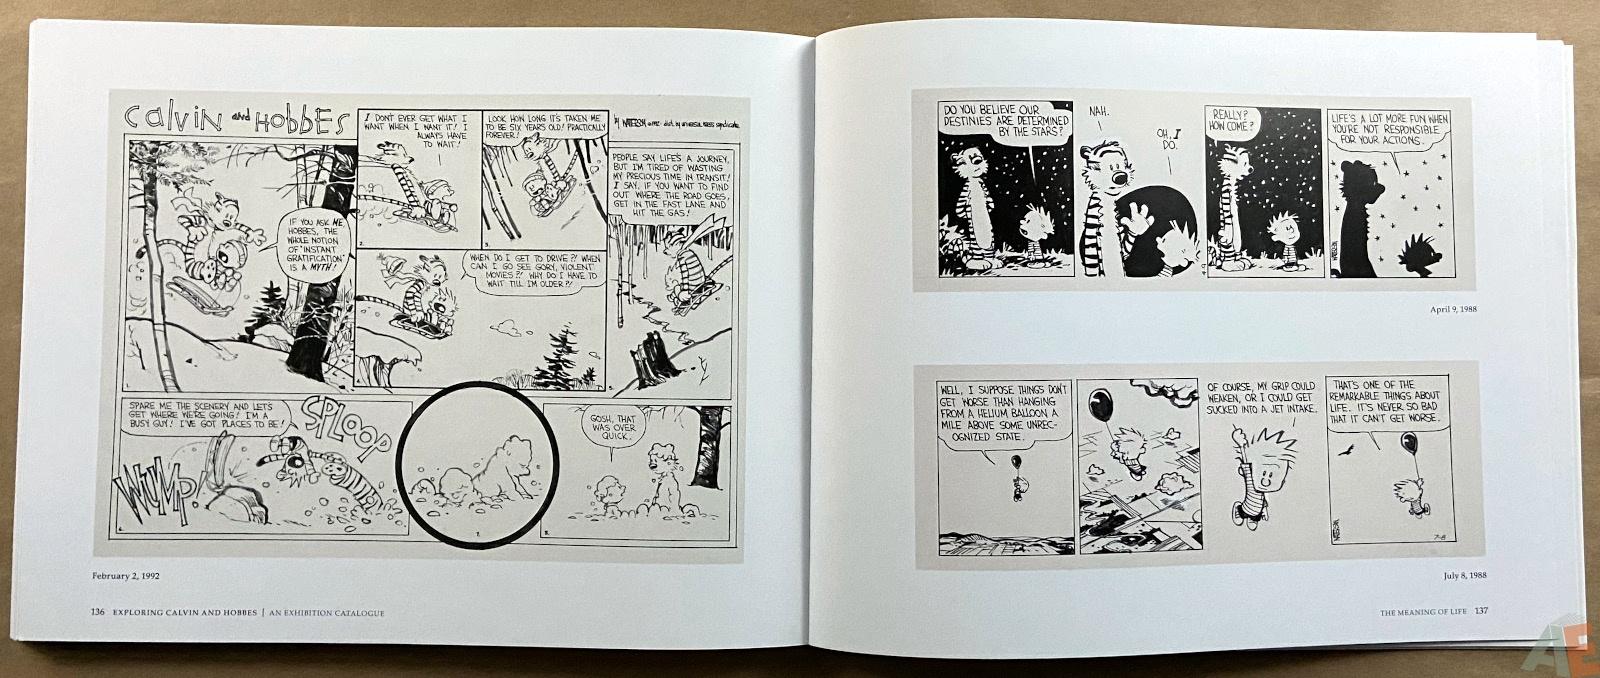 Exploring Calvin and Hobbes An Exhibition Catalogue interior 8